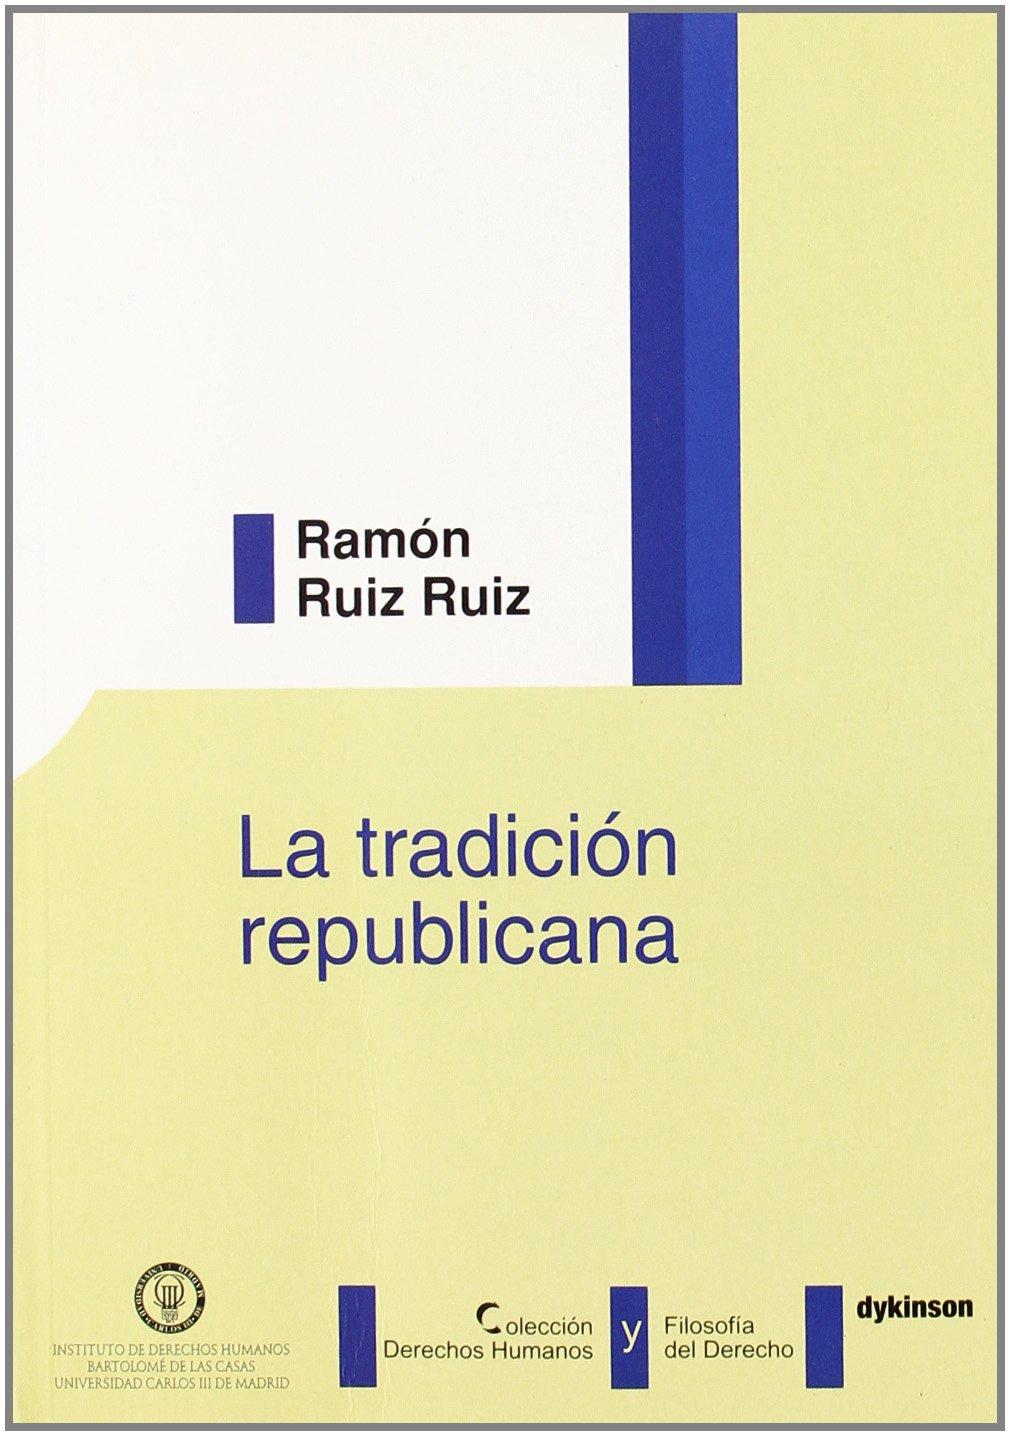 La tradición republicana Colección Derechos Humanos y Filosofía del Derecho de la Universidad Carlos III de Madrid: Amazon.es: Ramón Ruiz Ruiz: Libros